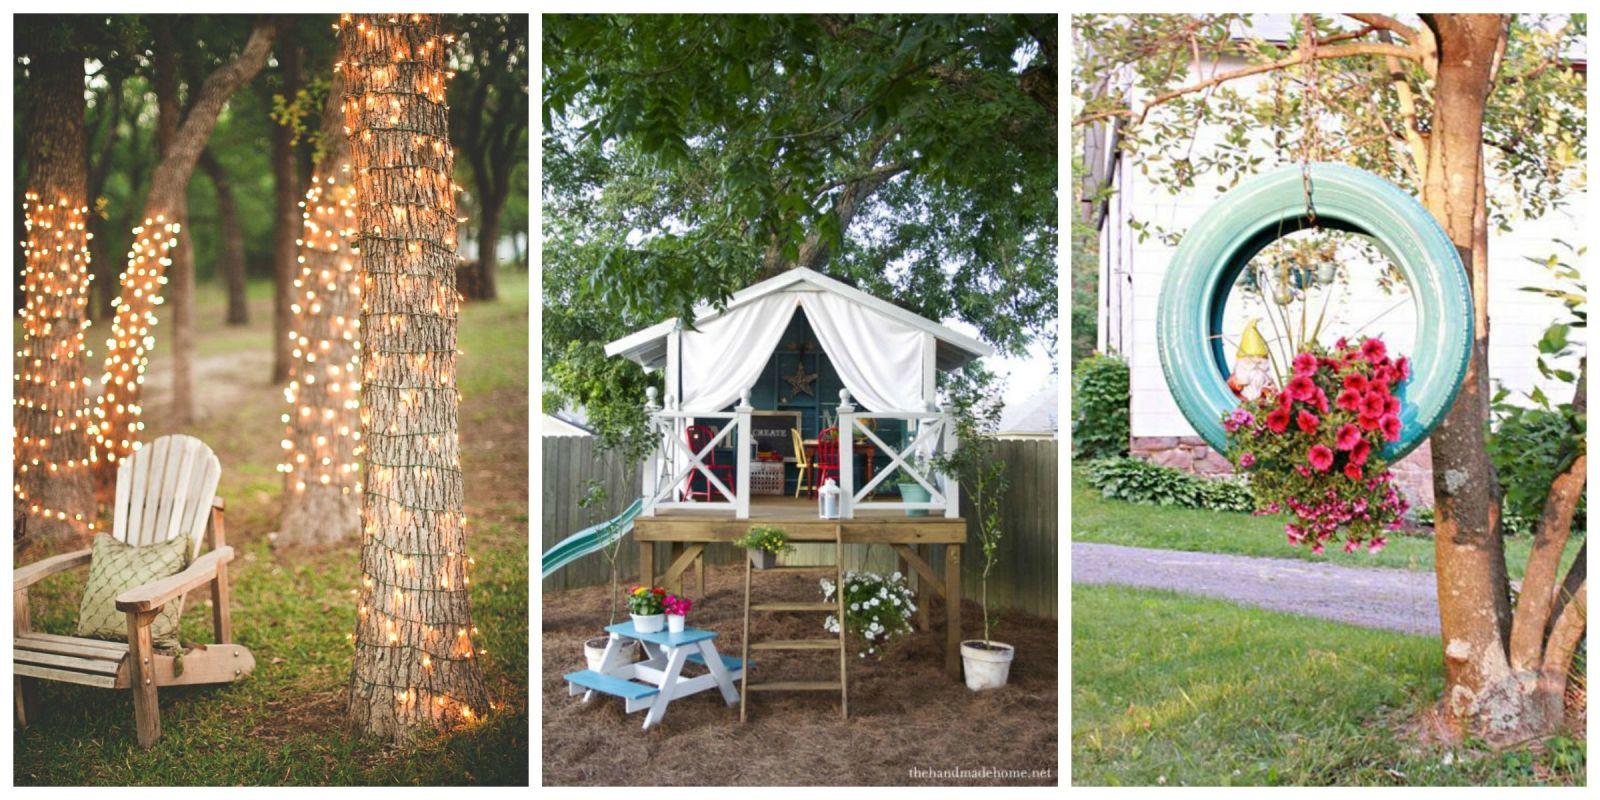 54 DIY Backyard Design Ideas